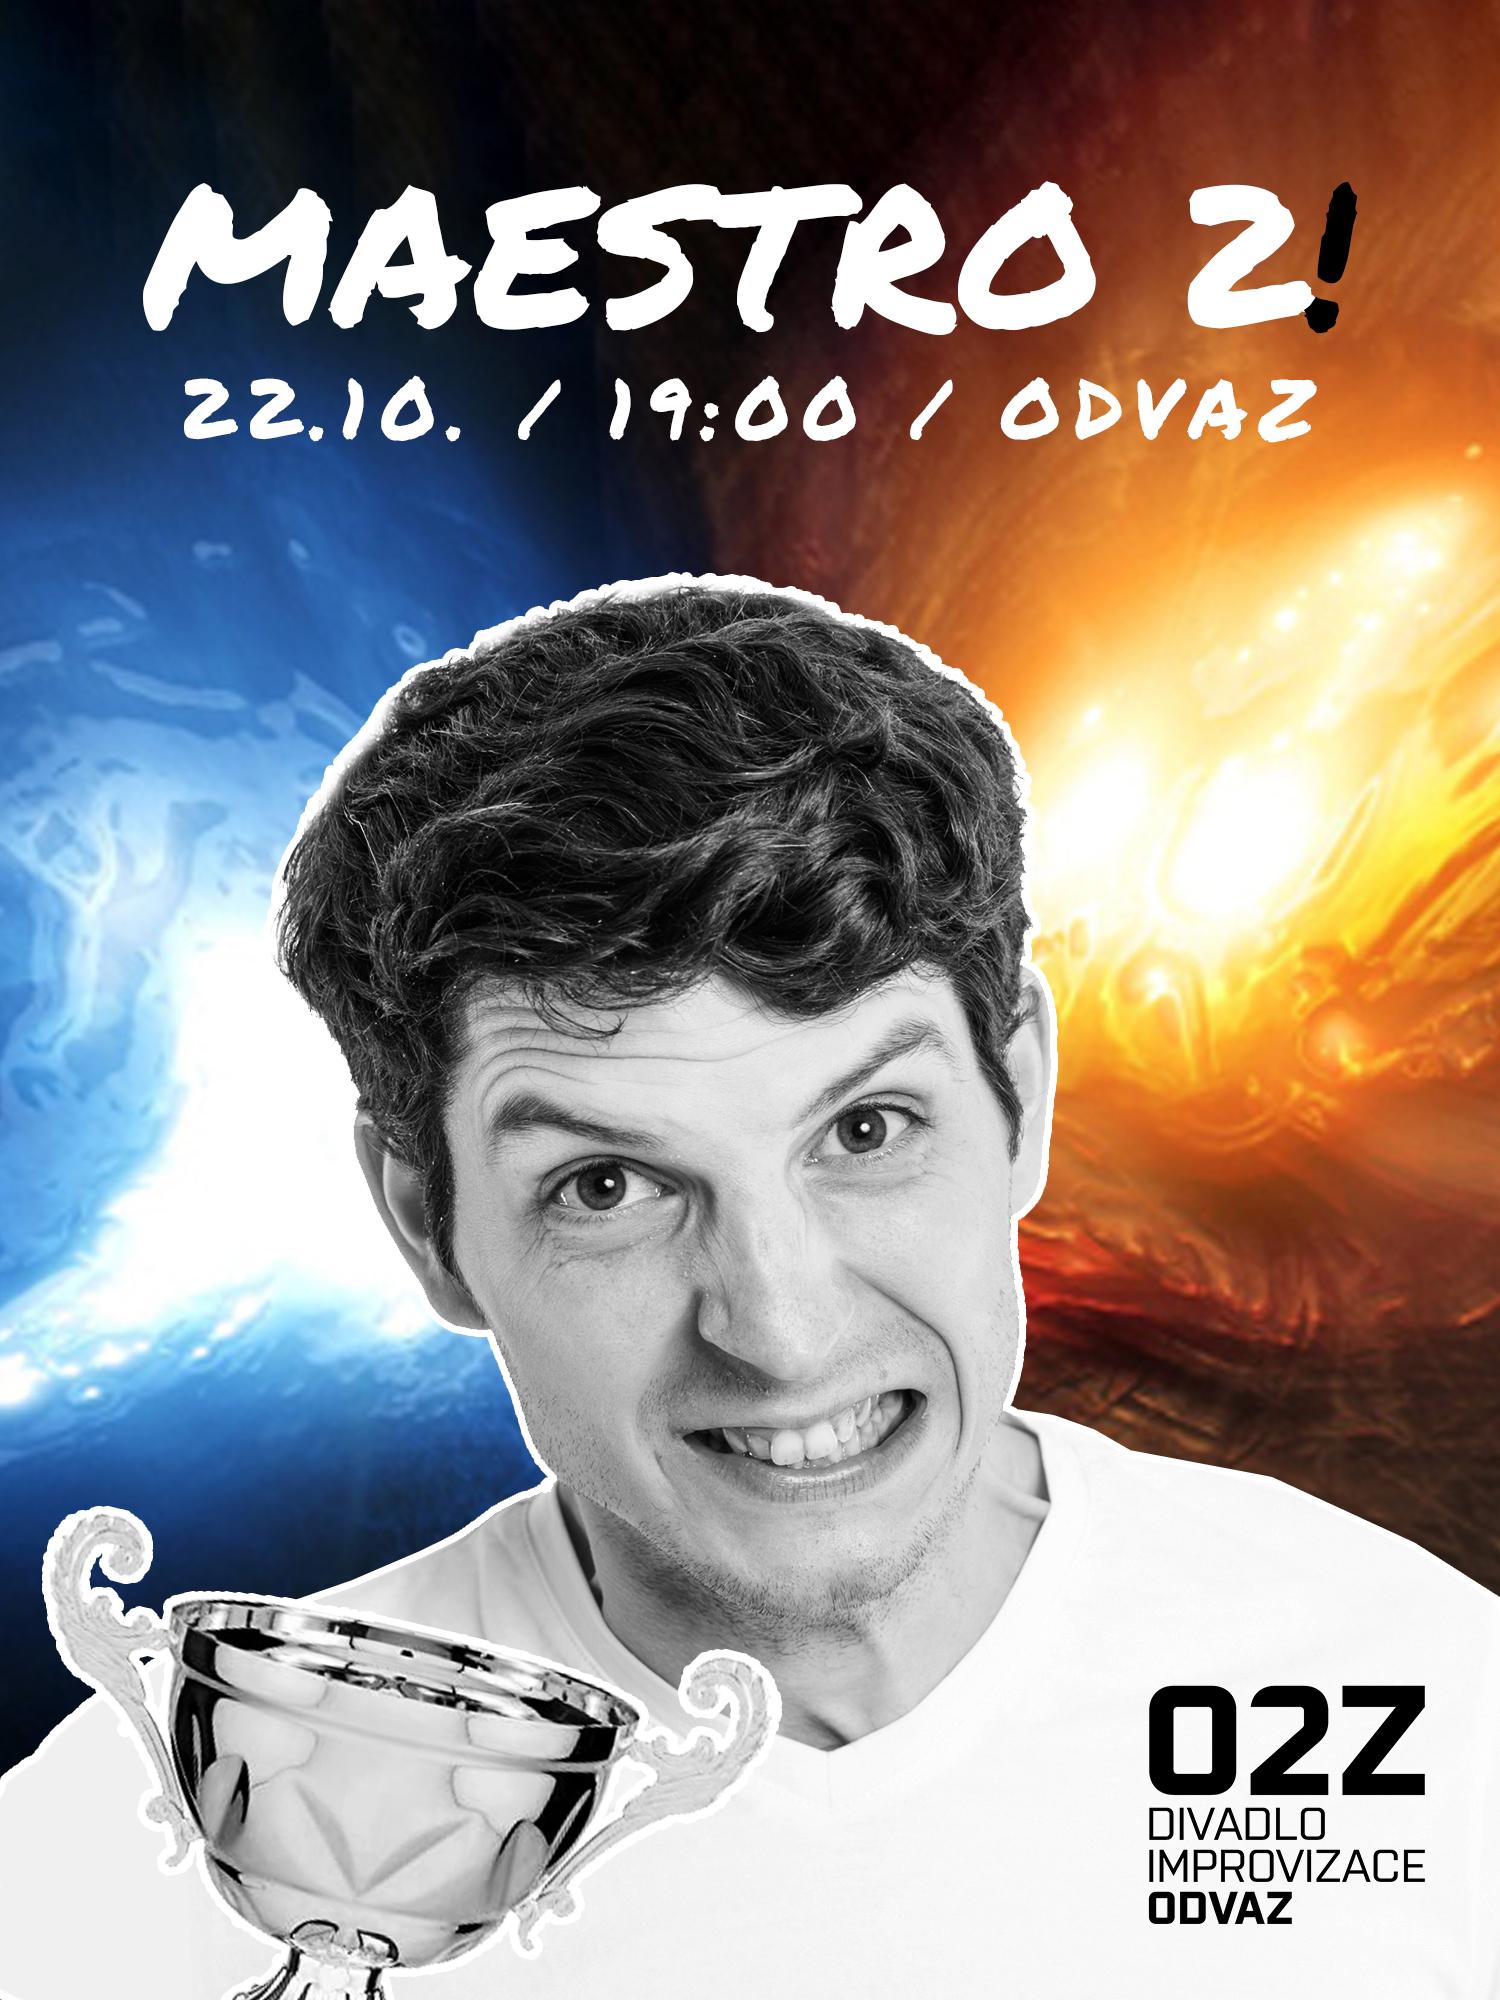 Maestro 2!!!